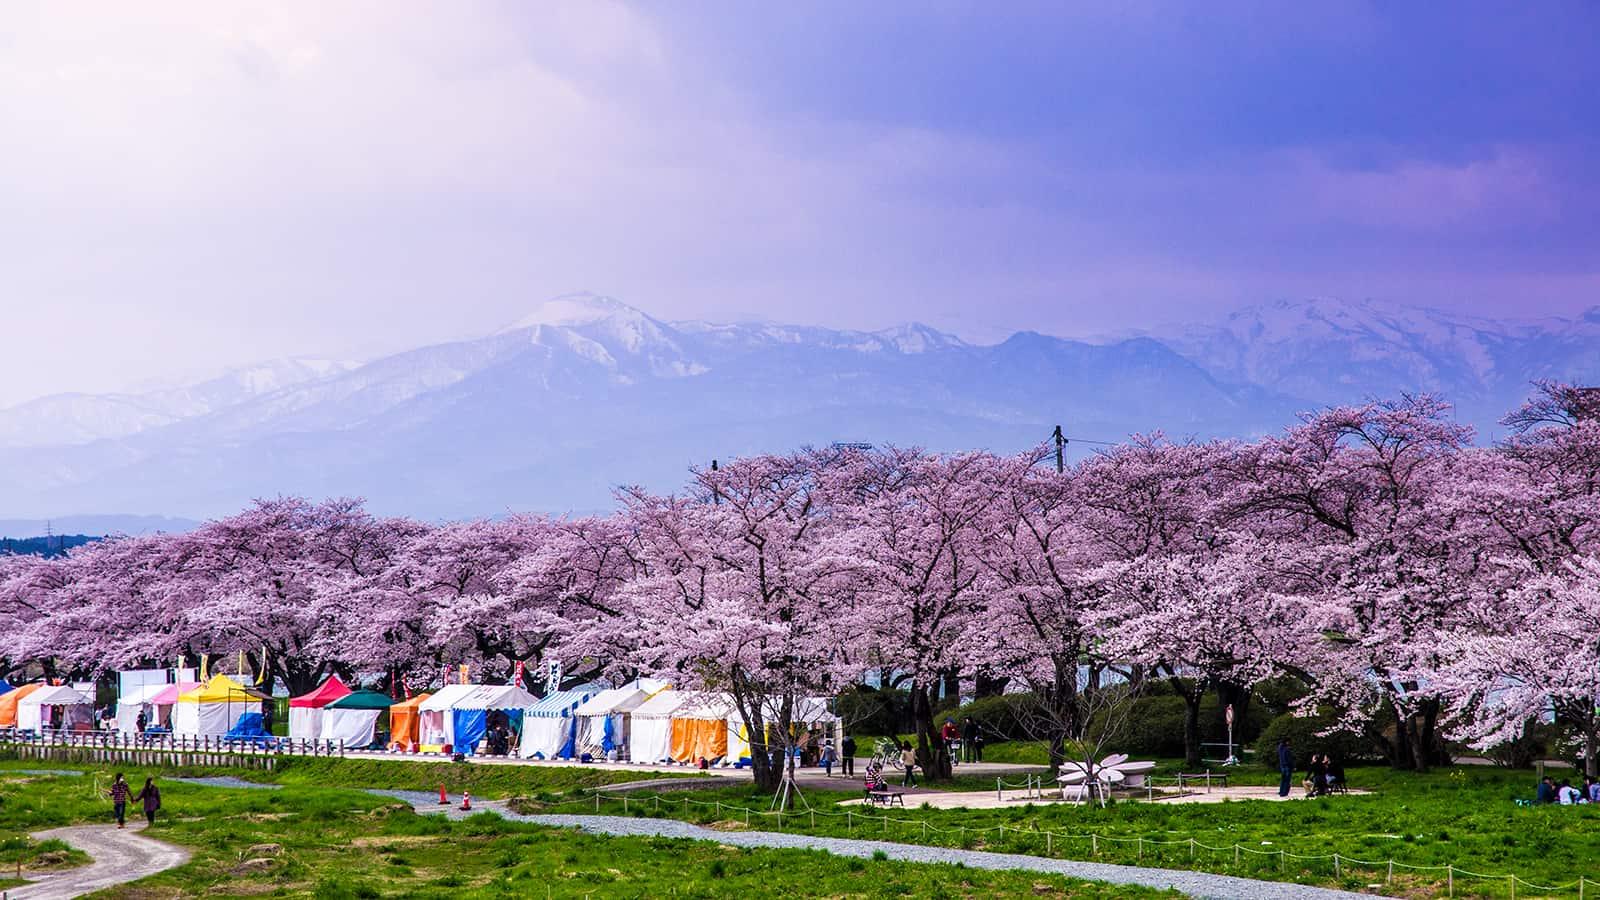 จุดช ซากุระ โทโฮคุ - สวนคิตะคามิ เท็นโชจิ (Kitakami Tenshochi Park)